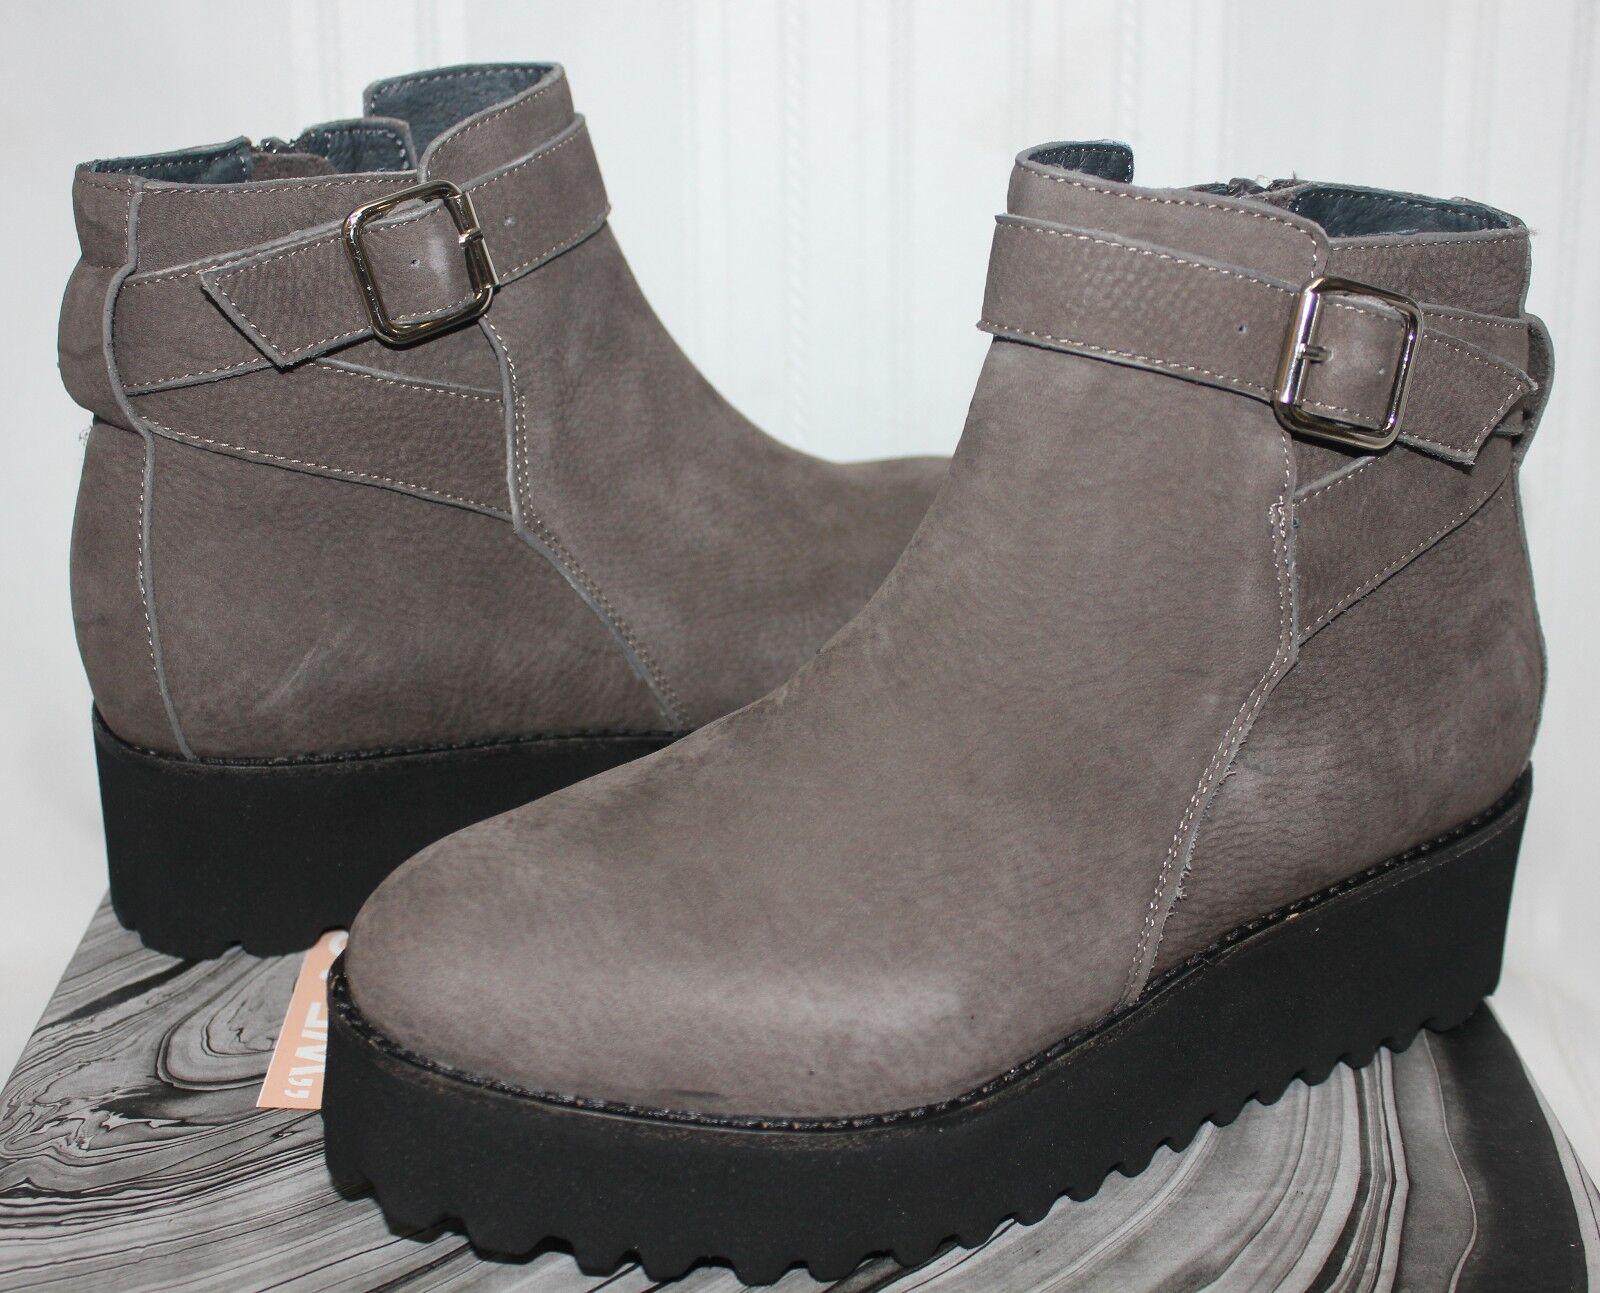 Jeffrey Campbell SARKUS platform ankle Stiefelies dark grau nubuck NEW